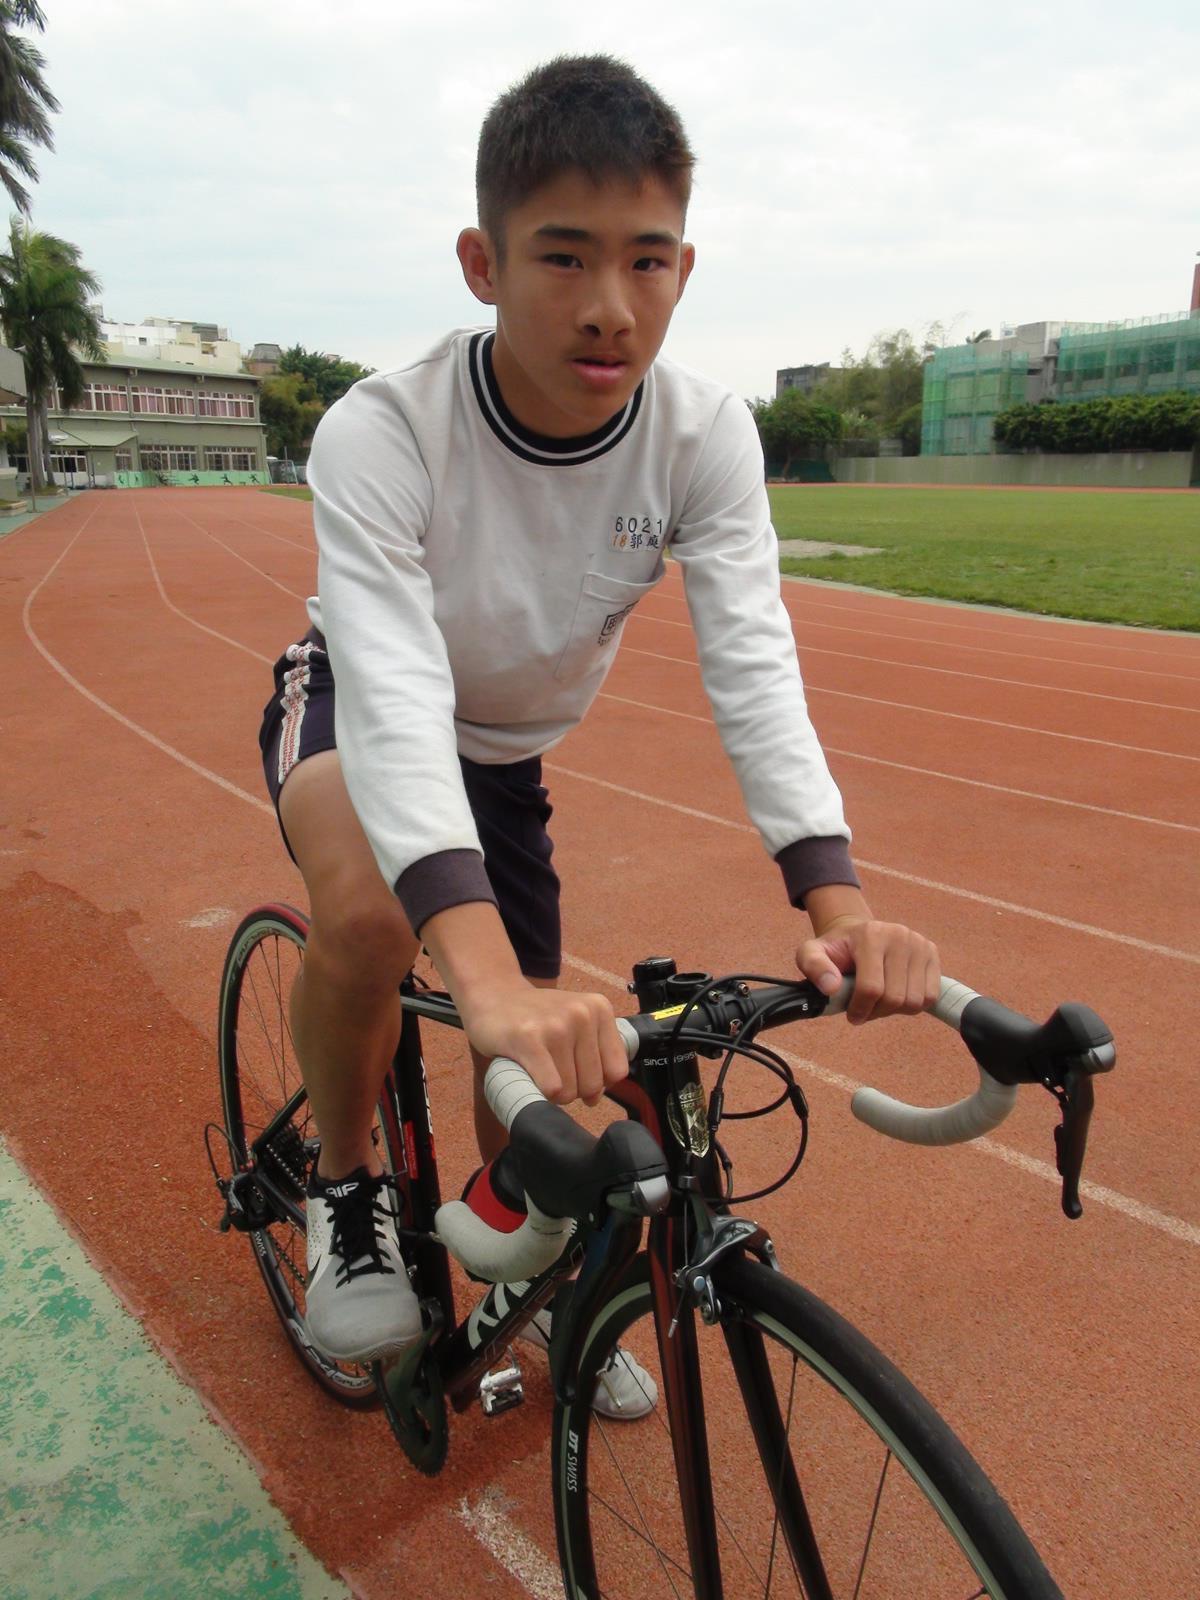 郭庭瑋因罹患唇顎裂,對自己沒自信,國中加入自由車隊後,教練鼓勵他「別在意別人眼光...